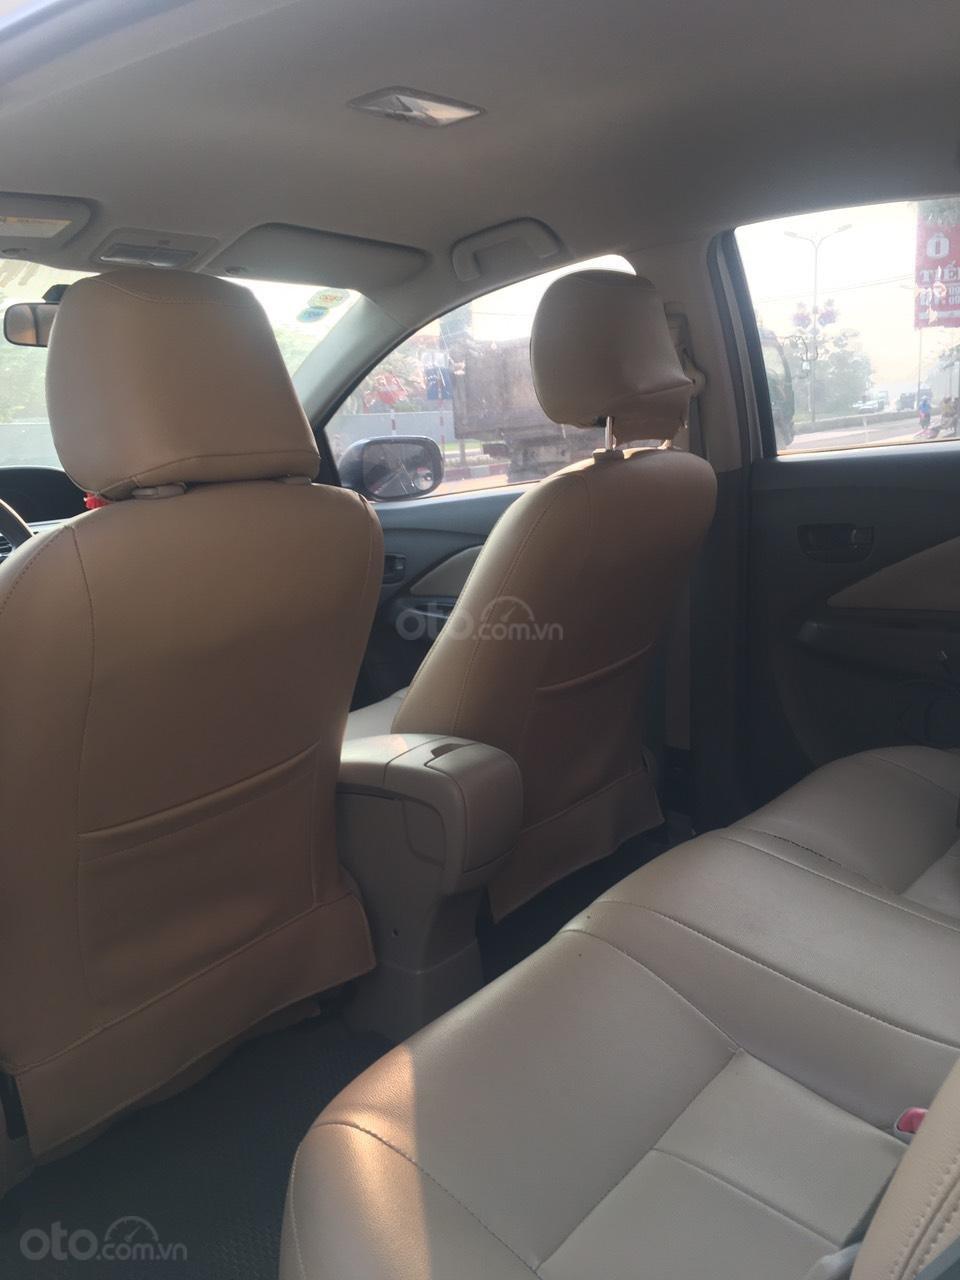 Bán Toyota Vios đời 2010 giá cực rẻ (7)